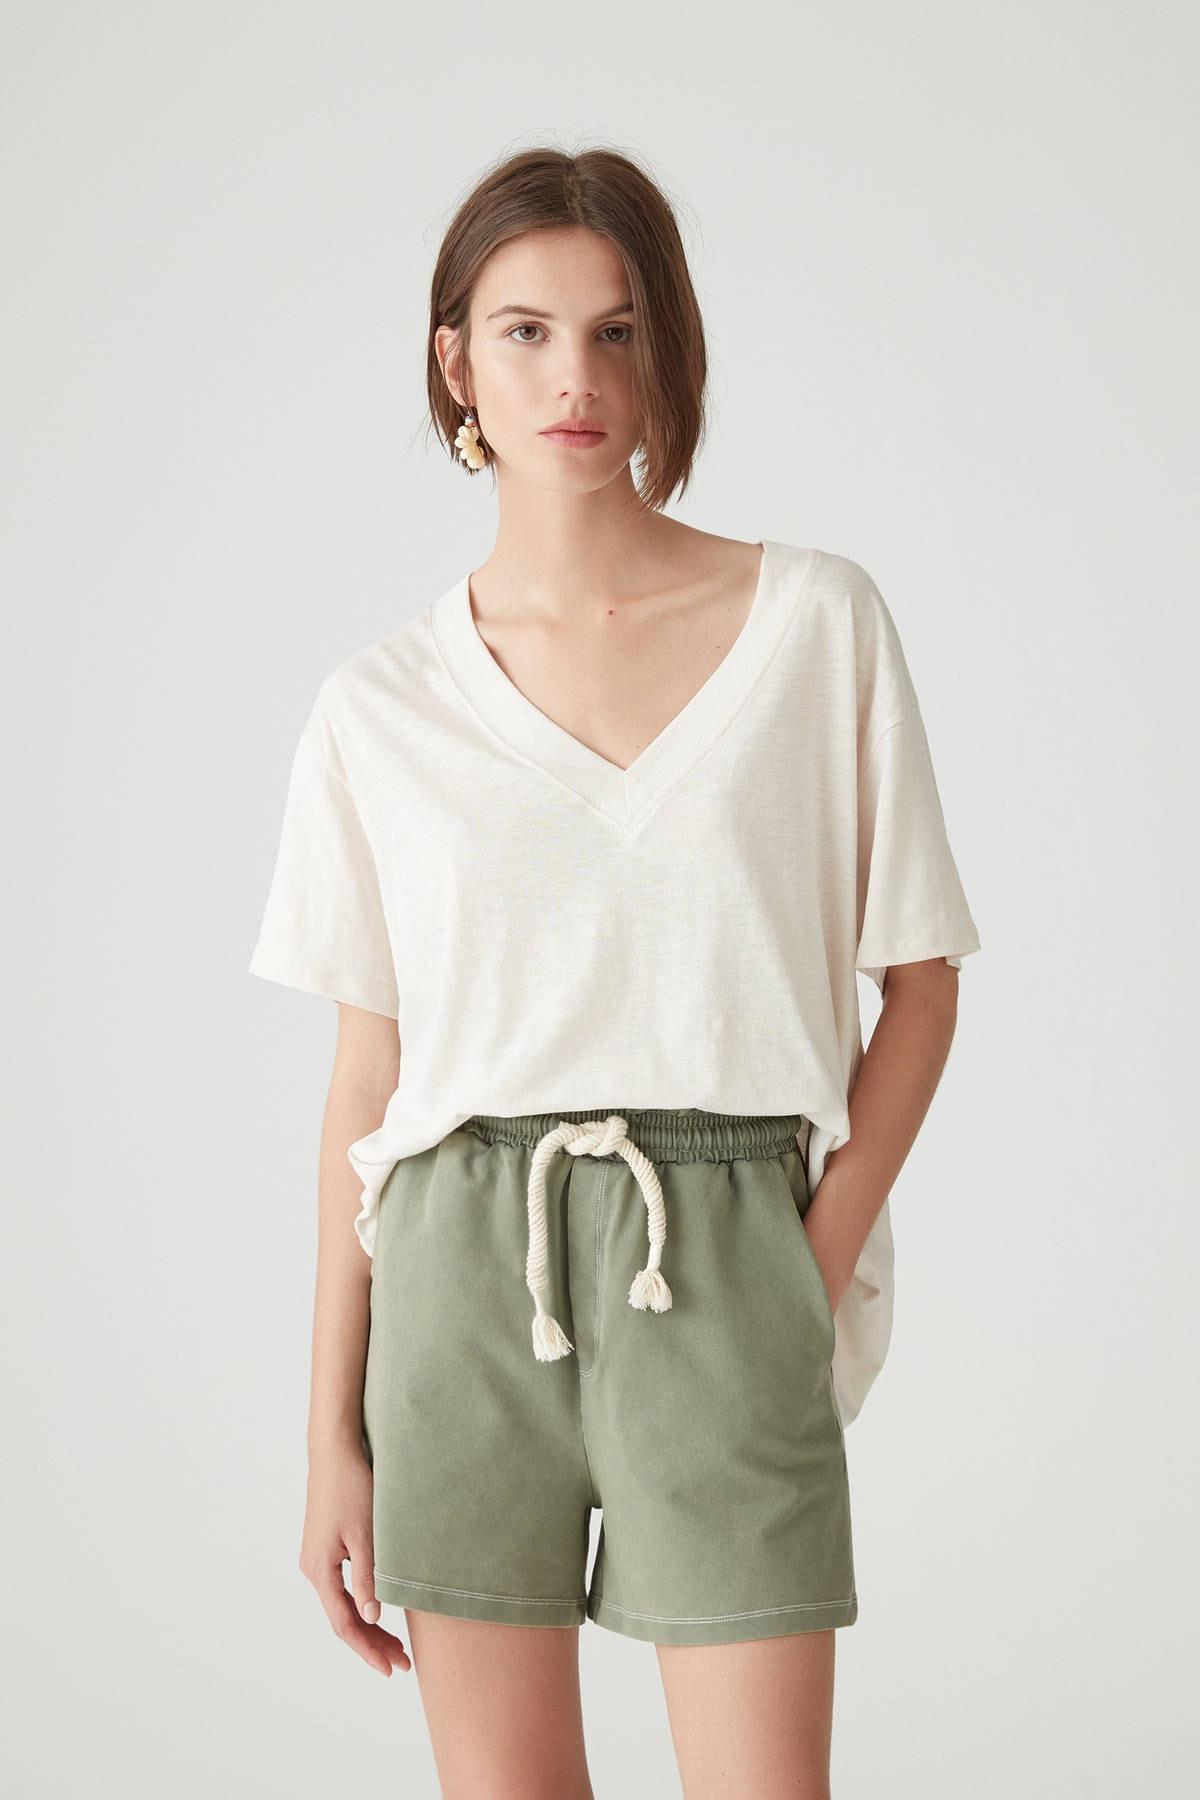 Pull & Bear Kadın Taş Rengi Basic Oversize Düğümlü Örgü T-Shirt 05236324 0